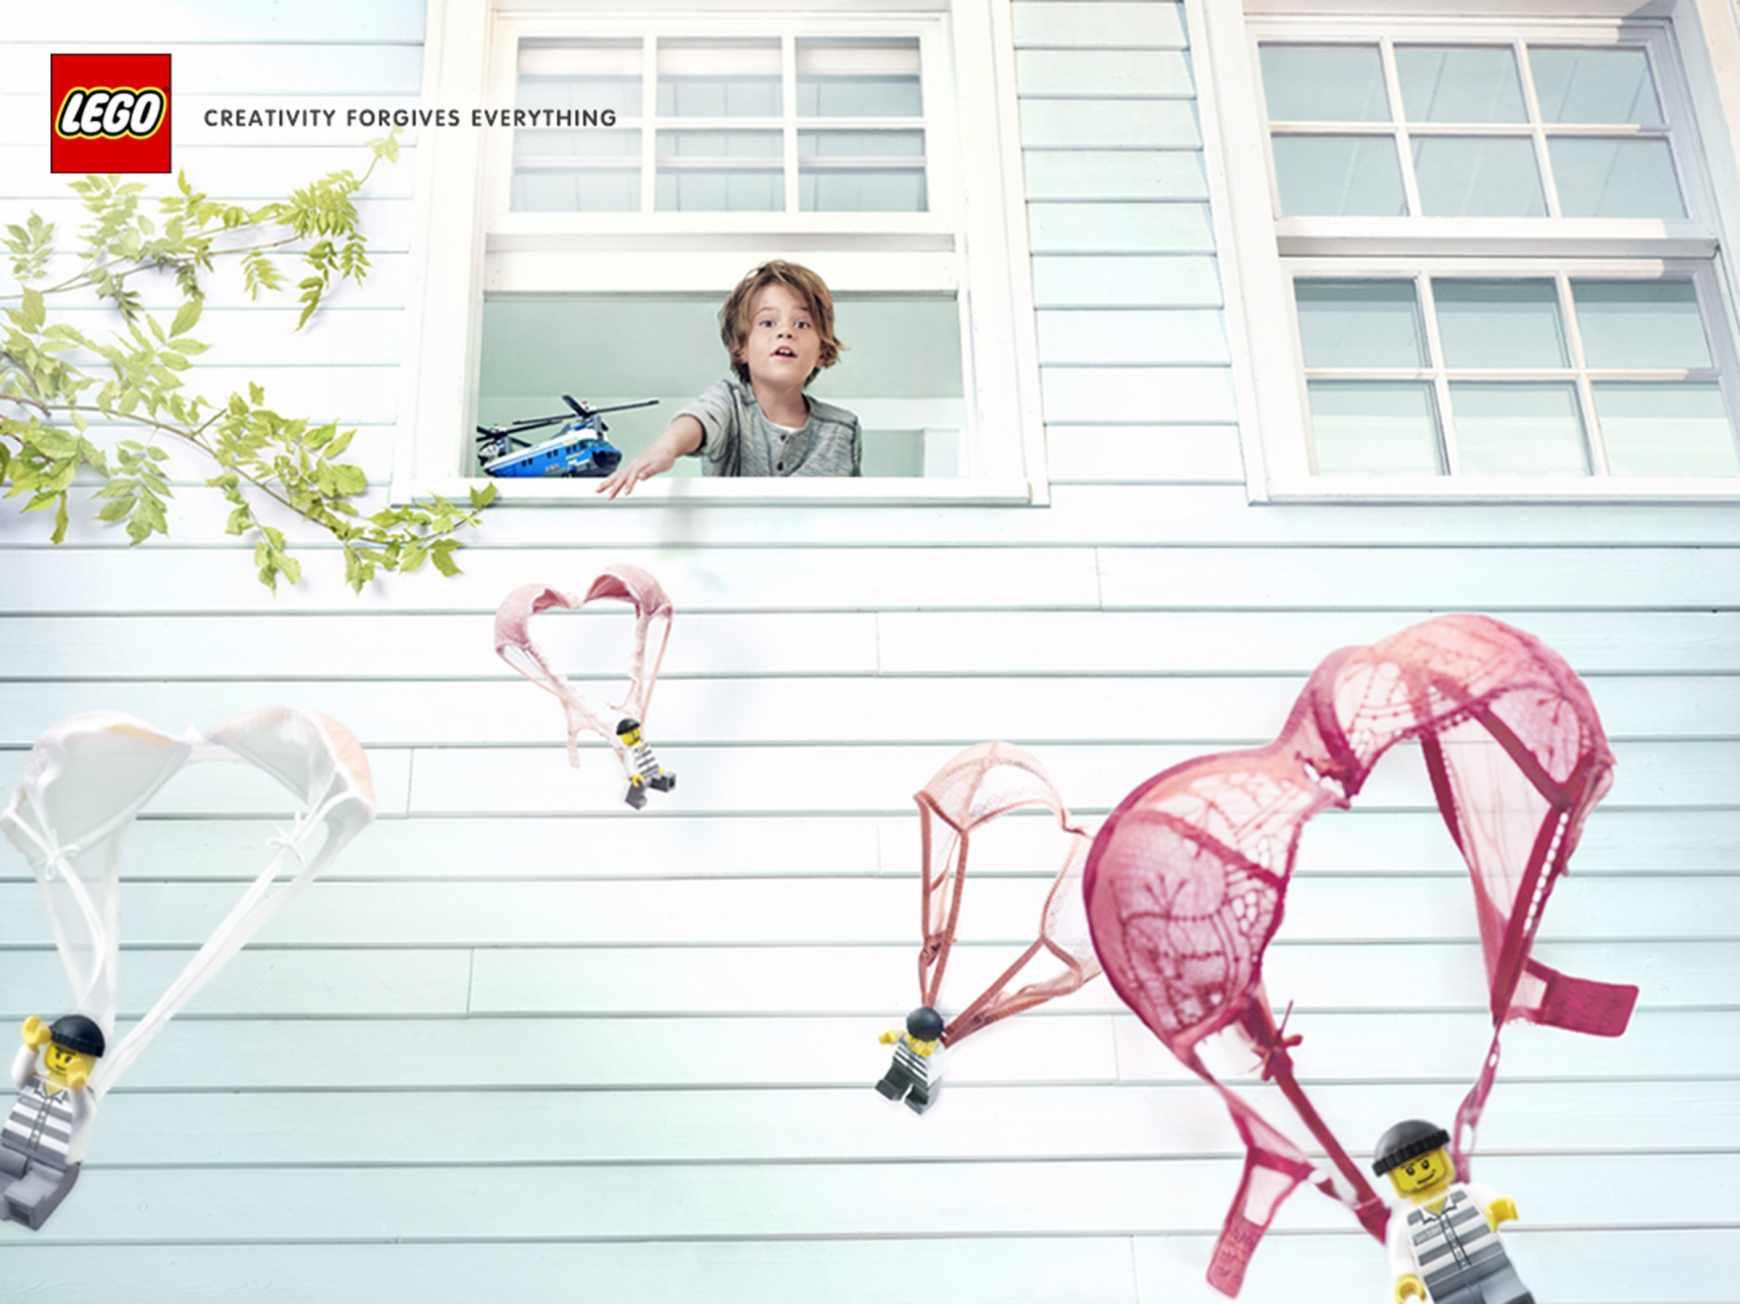 dans-ta-pub-compilation-lego-publicité-créativité-création-3